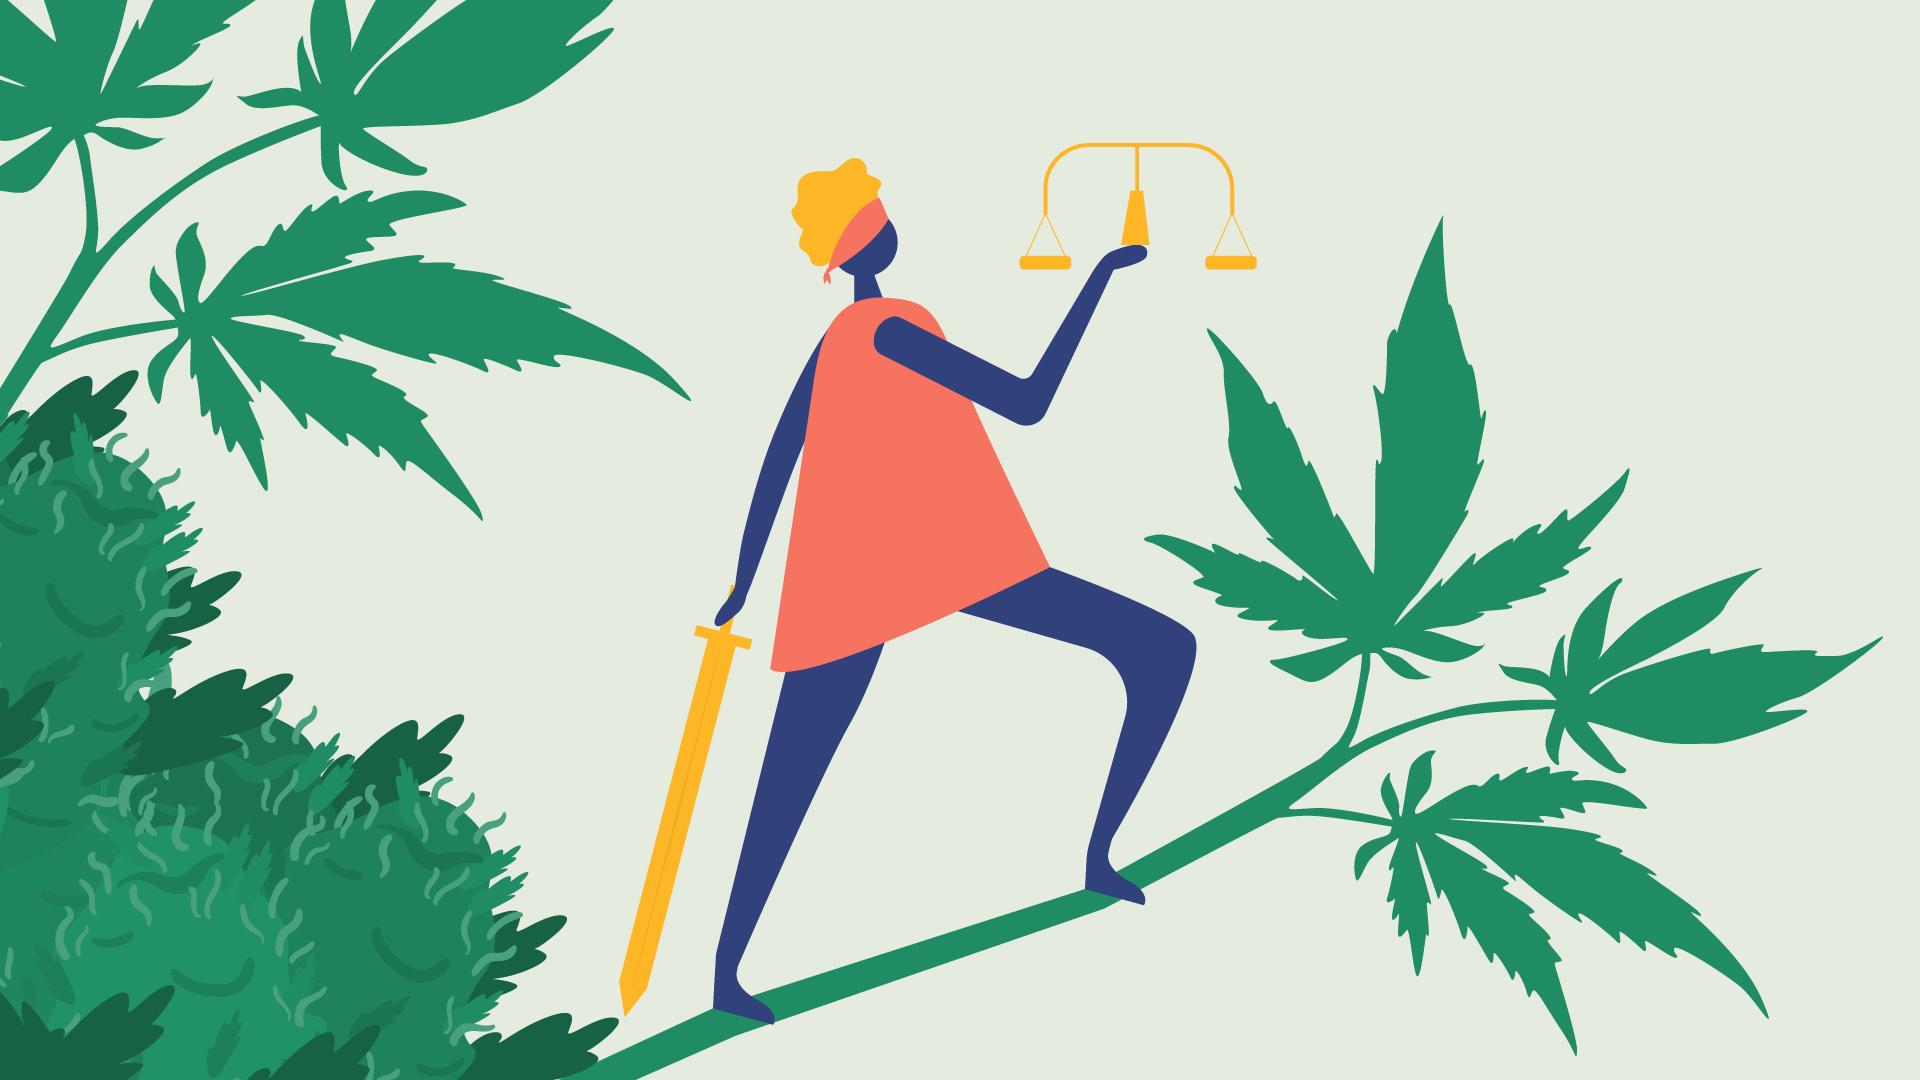 Historische Neuklassifizierung von Cannabis bei den Vereinten Nationen